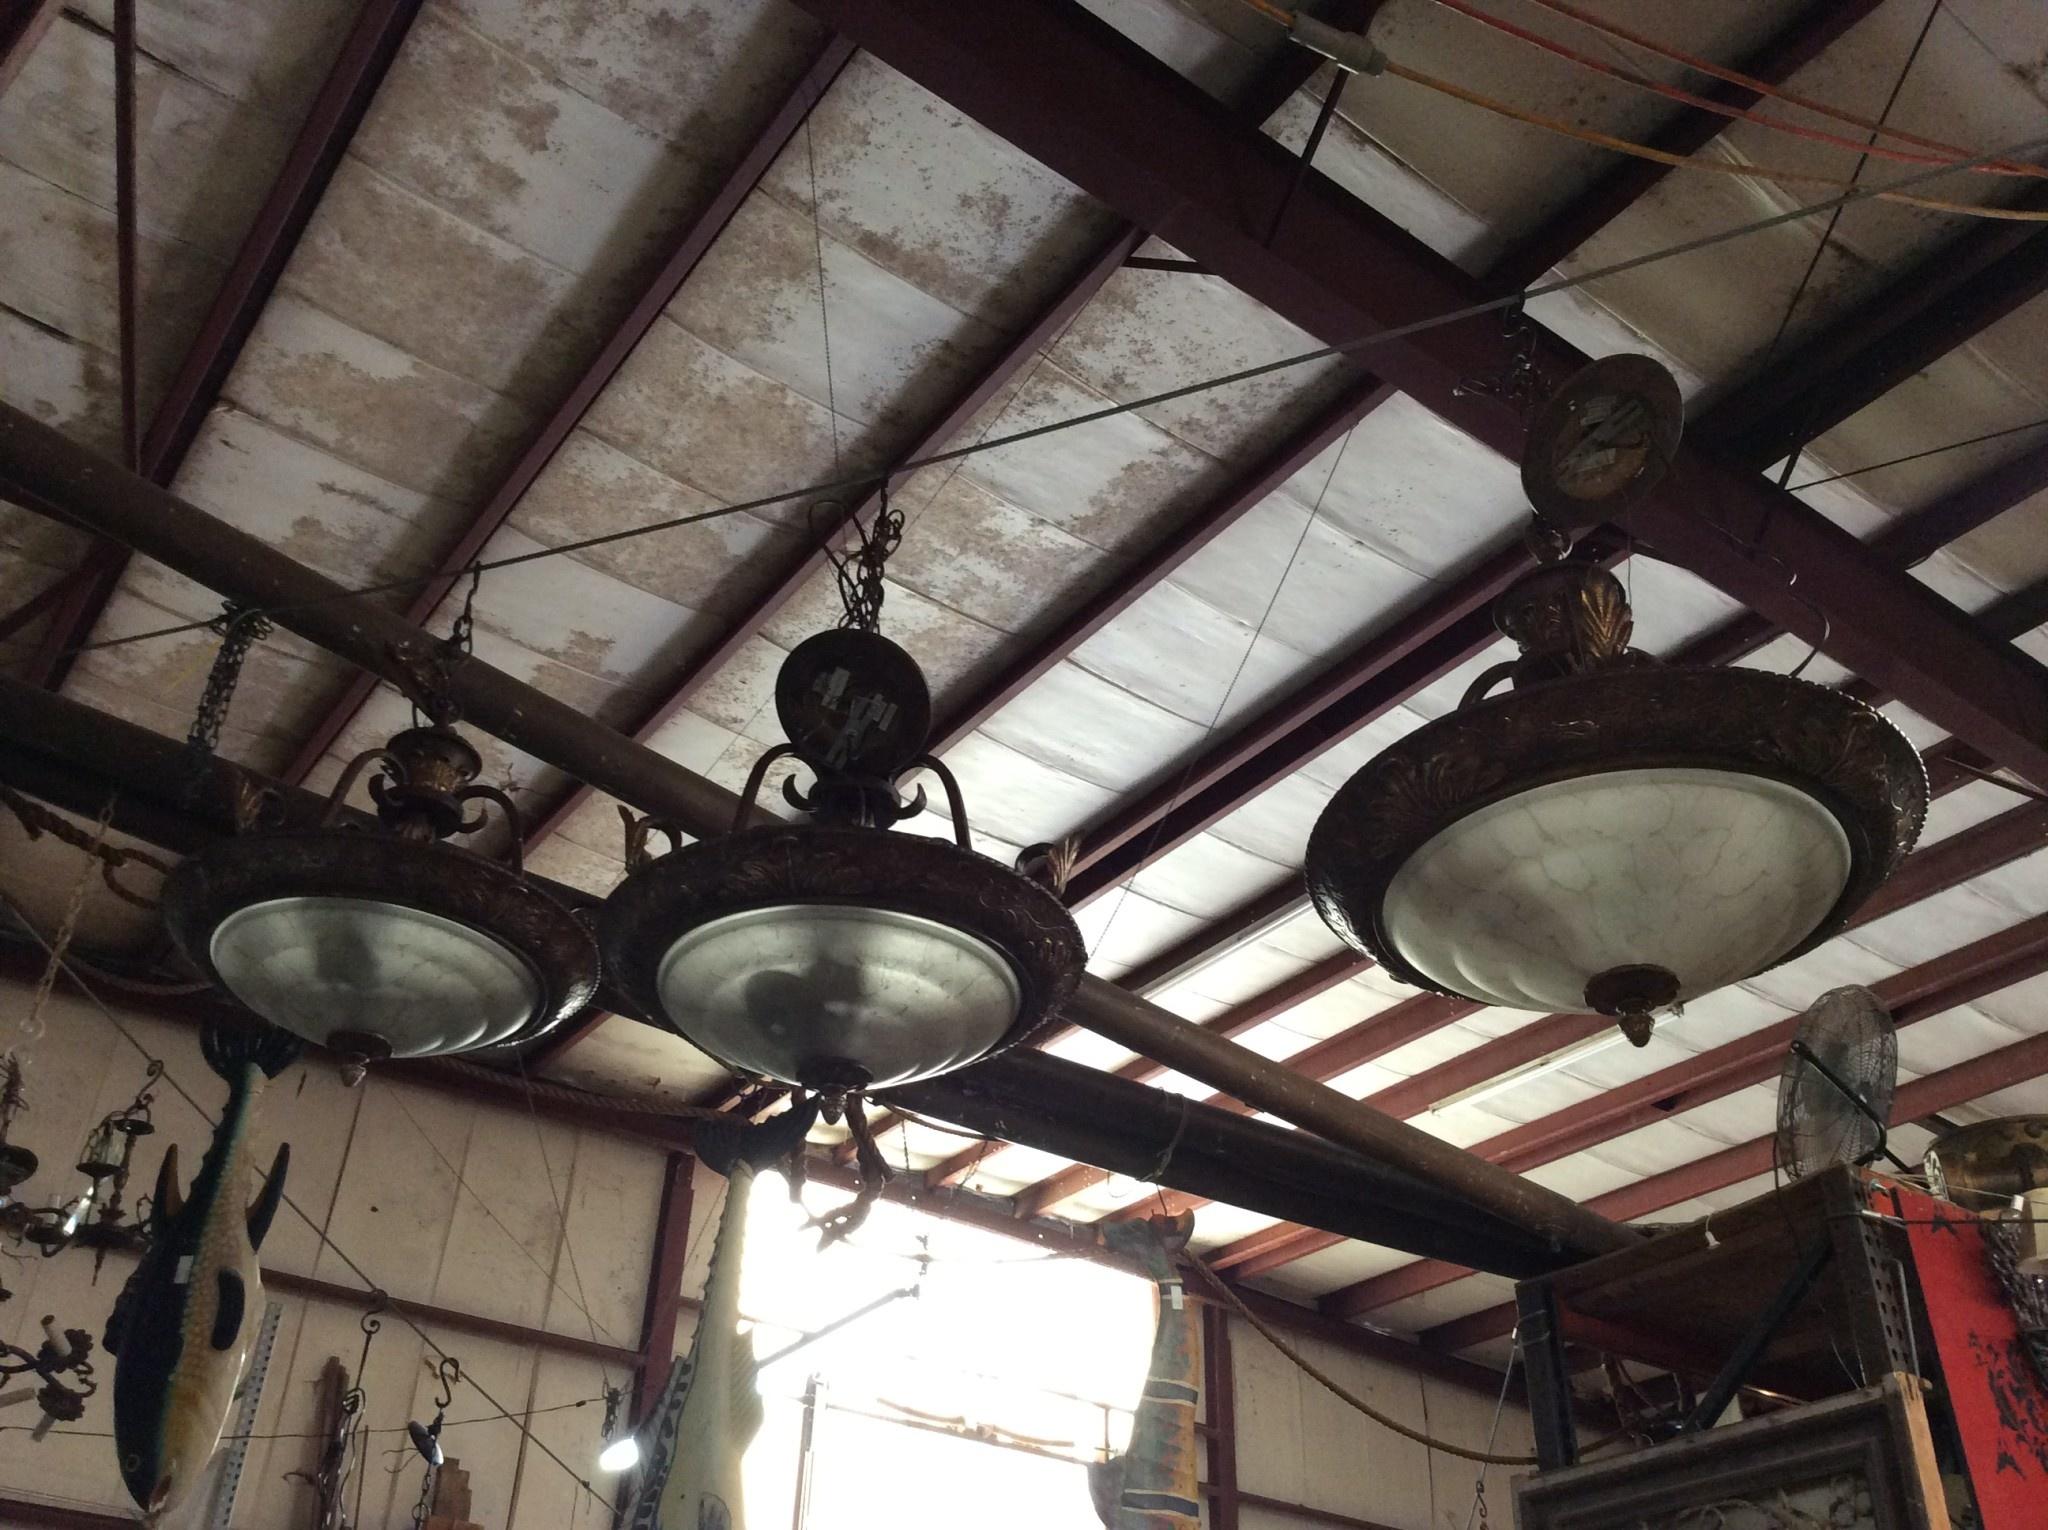 Small bronze chandelier